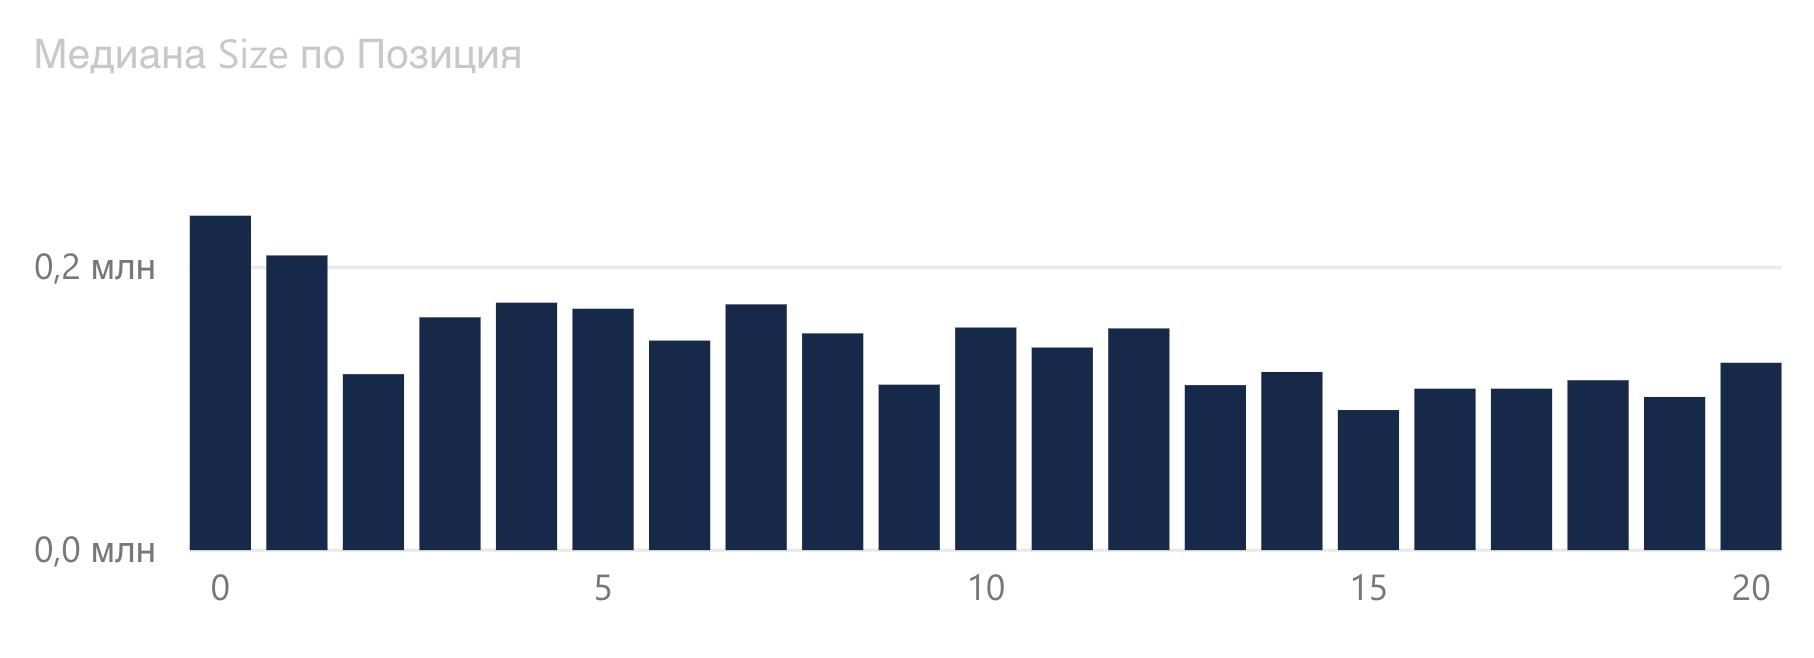 График зависимости размера документа от позиции в Google.